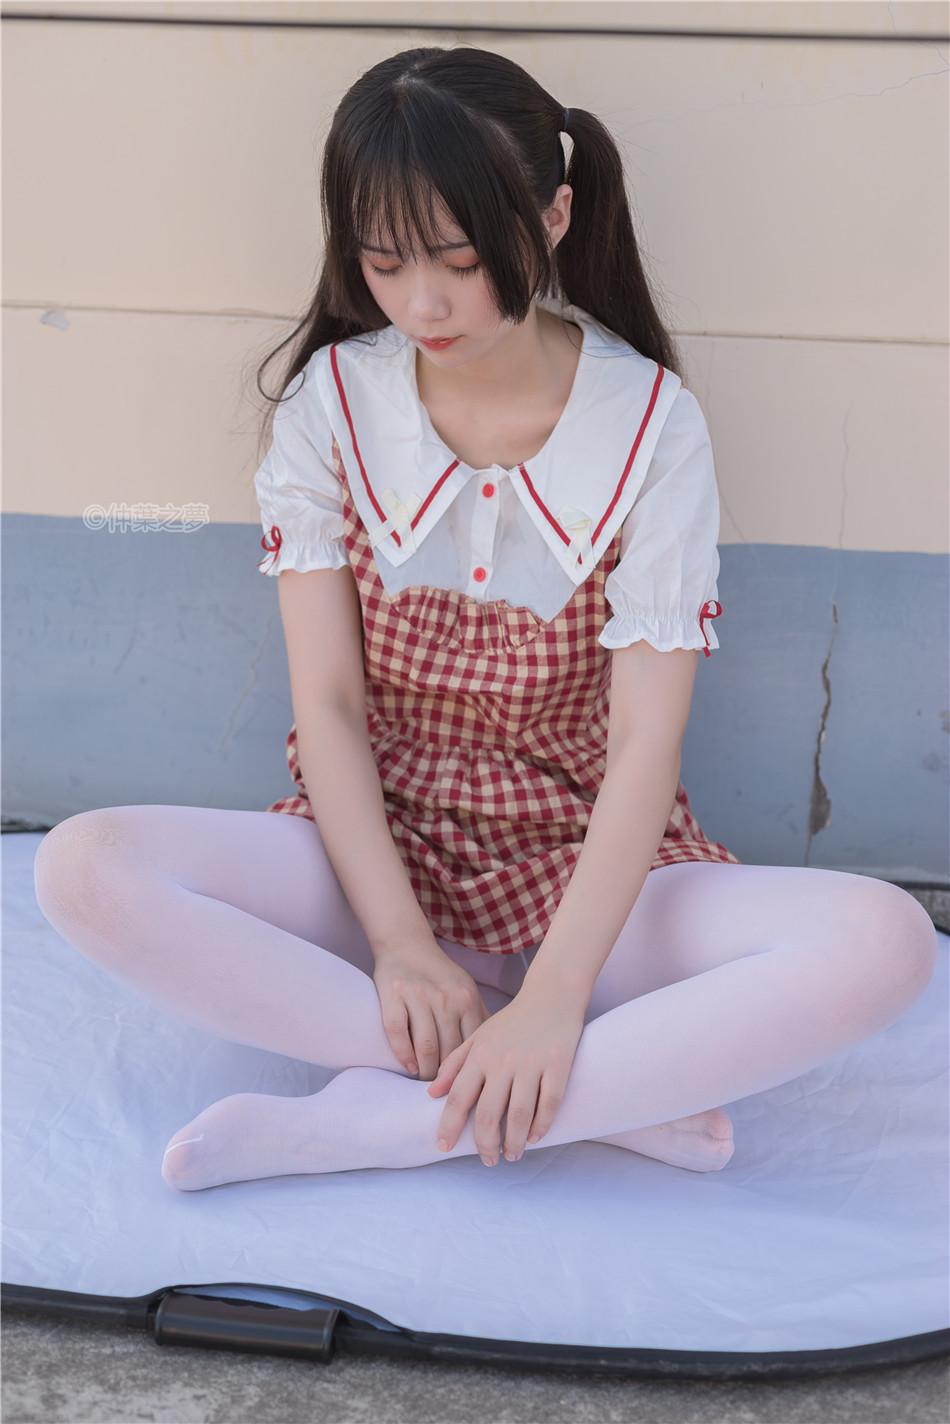 轻兰映画 SPL_VOL.009 [93P][226MB]高清原图打包下载